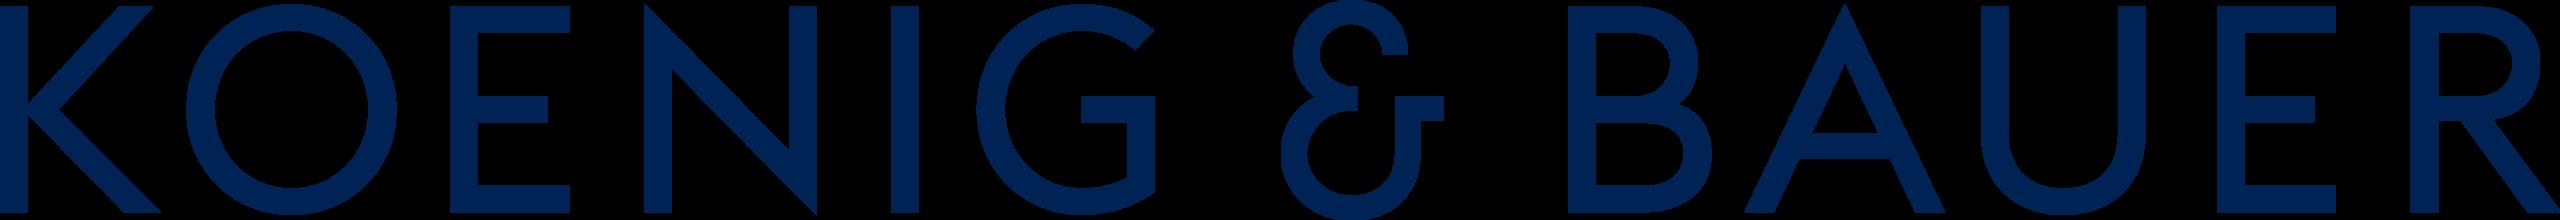 Logo Koenig & Bauer, Partnerschaft Verband Druck Medien Österreich